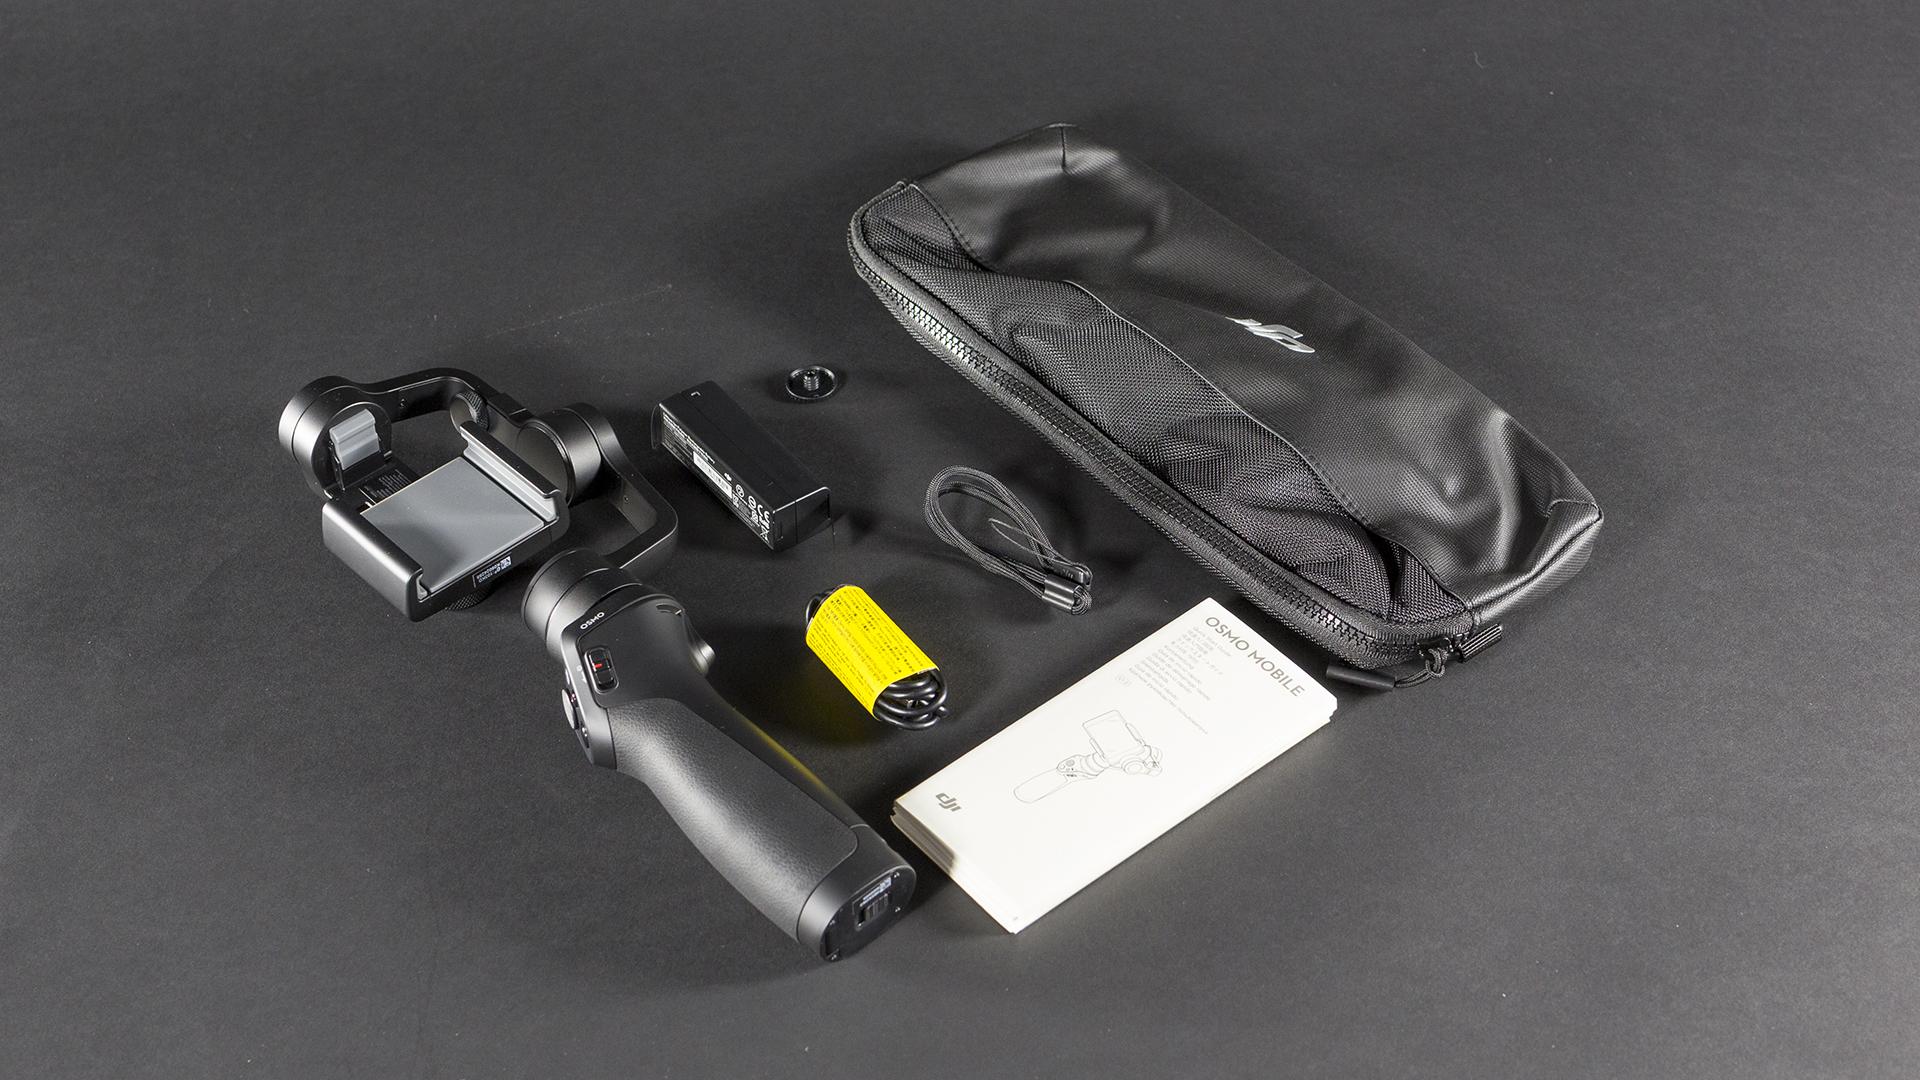 630c3c2a8c8 DJI-Osmo-Mobile-karbist-valja-Photopoint-008 - Photopointi ...